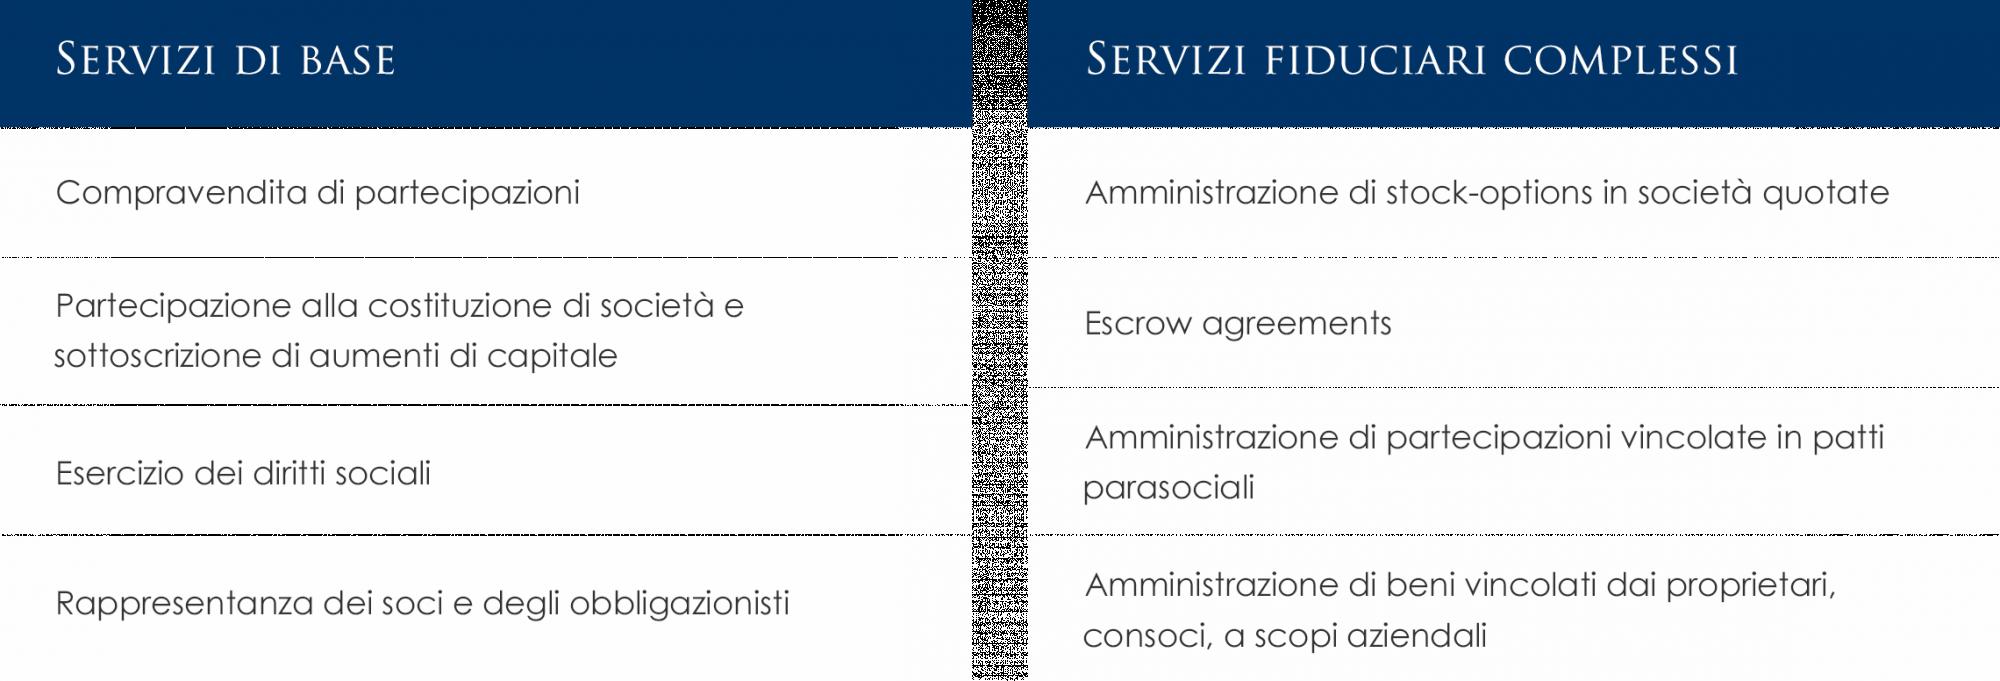 Erogazione di Servizi di base - Servizi fiduciari complessi